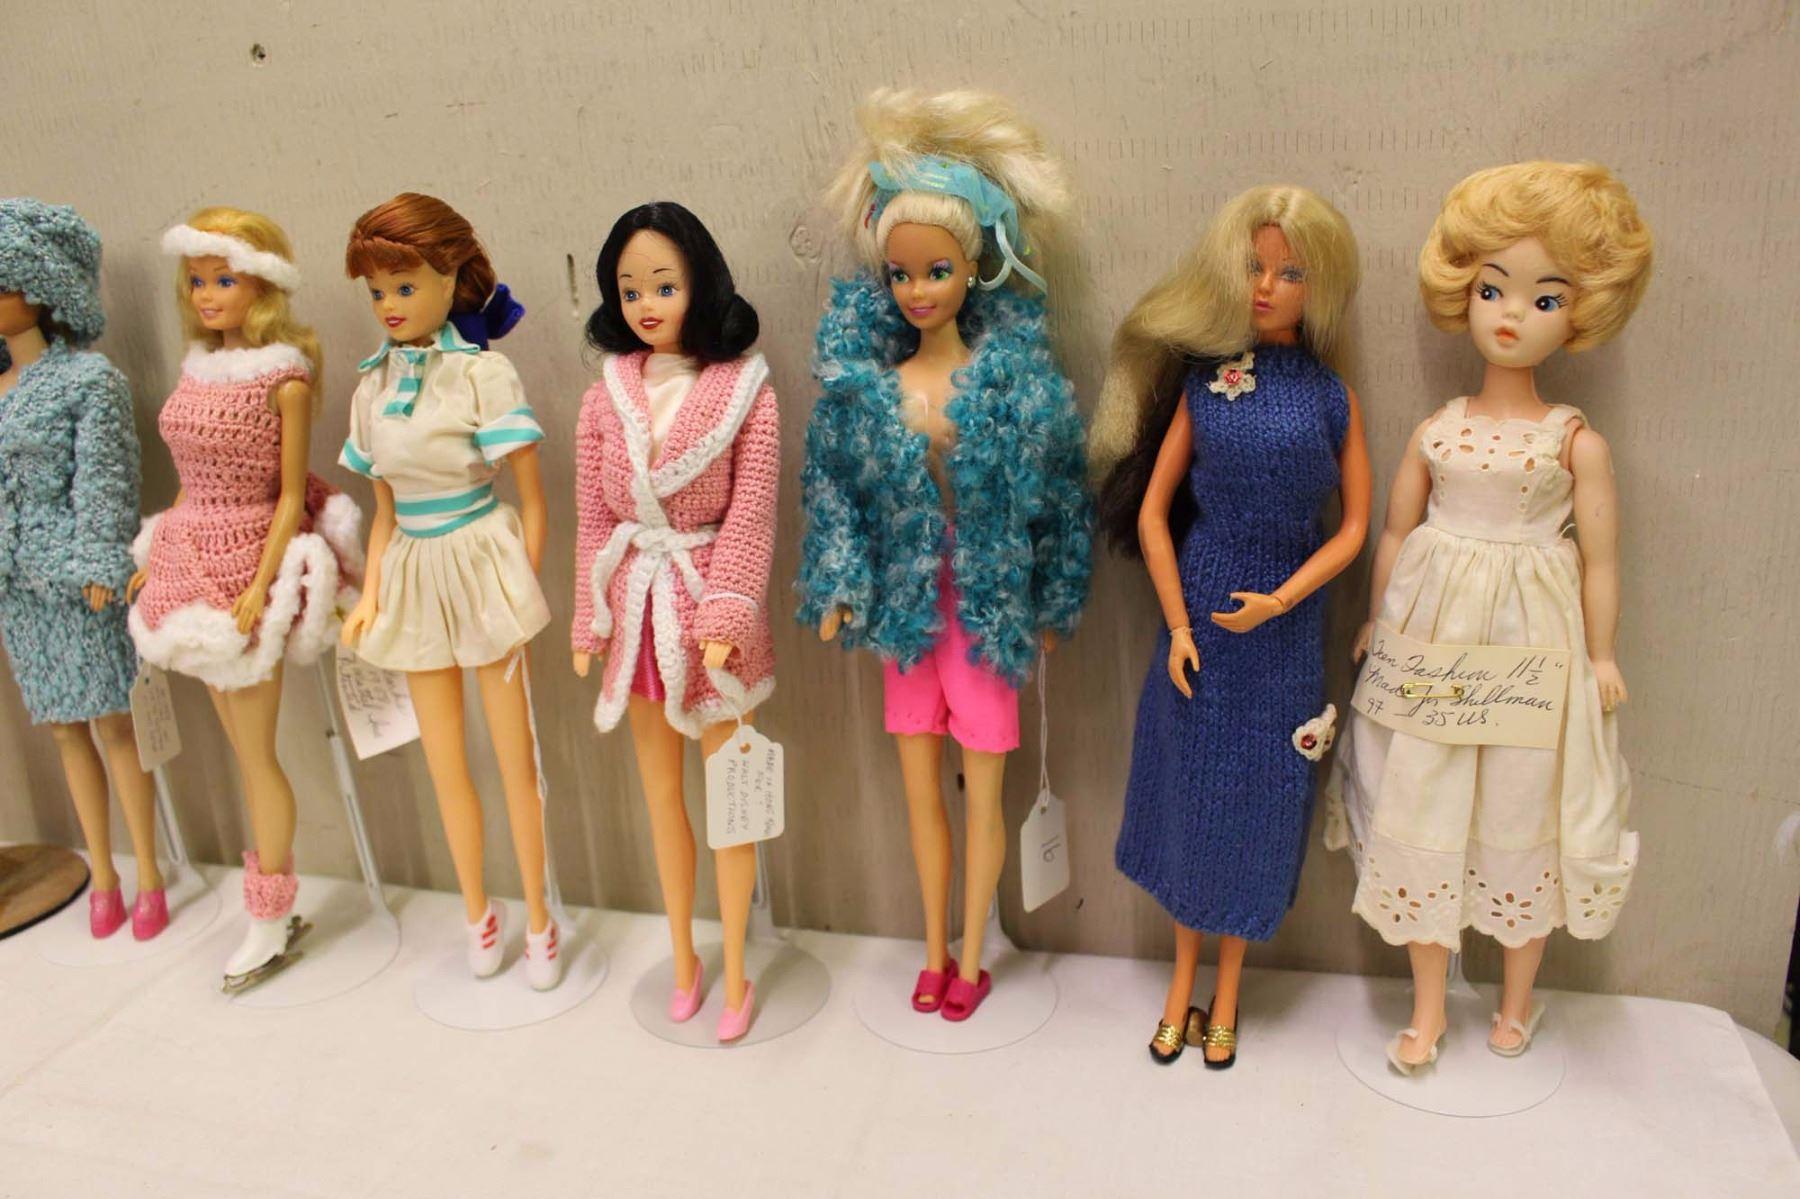 Dolls & Bears Antique (pre-1930) Lot De Barbie Vintage